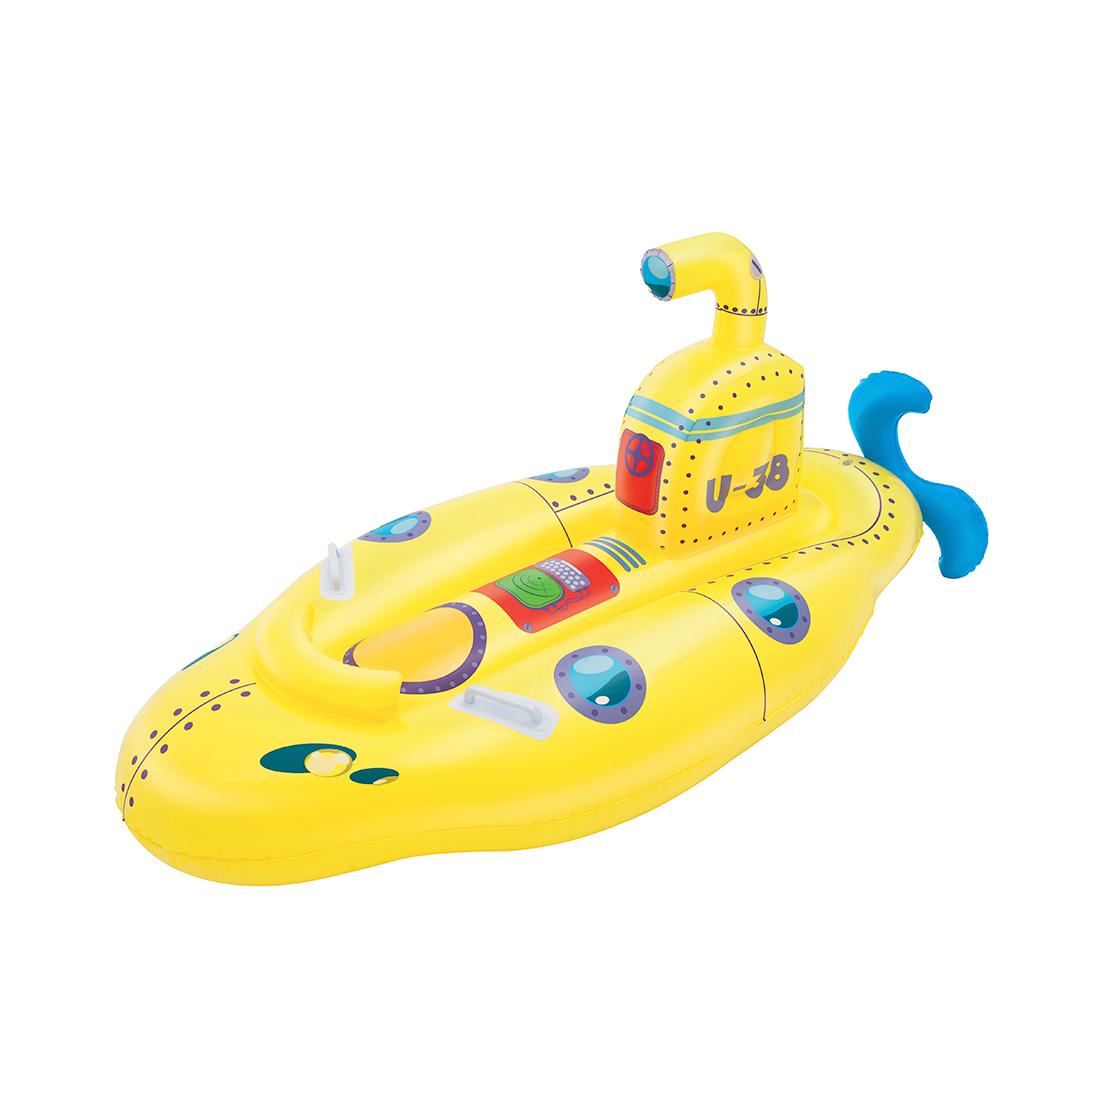 Надувная игрушка Bestway 41098 в форме субмарины для плавания